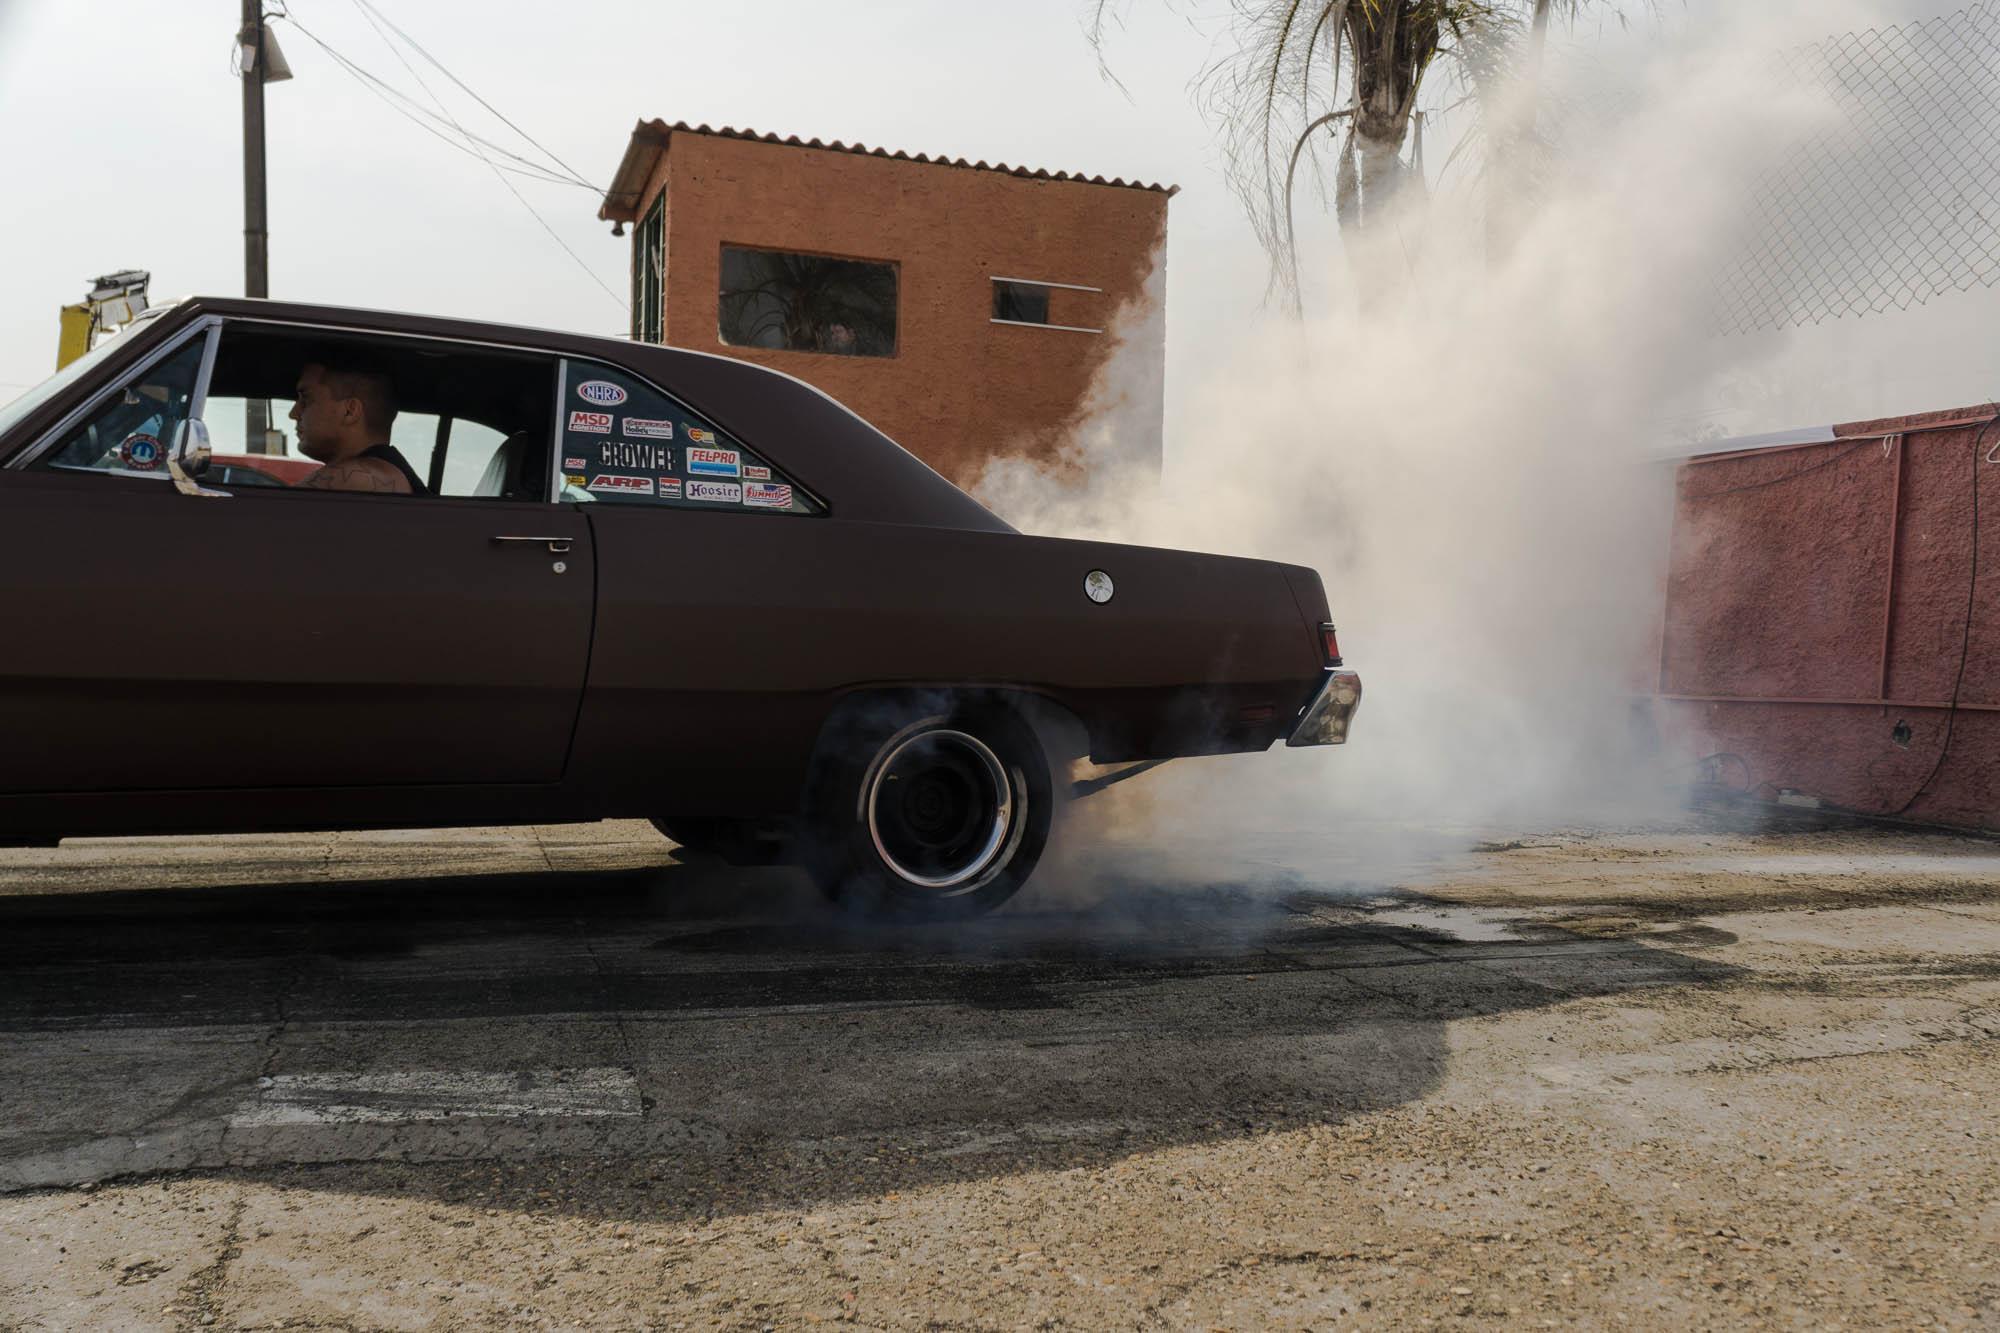 Brown Car Performing a Burnout